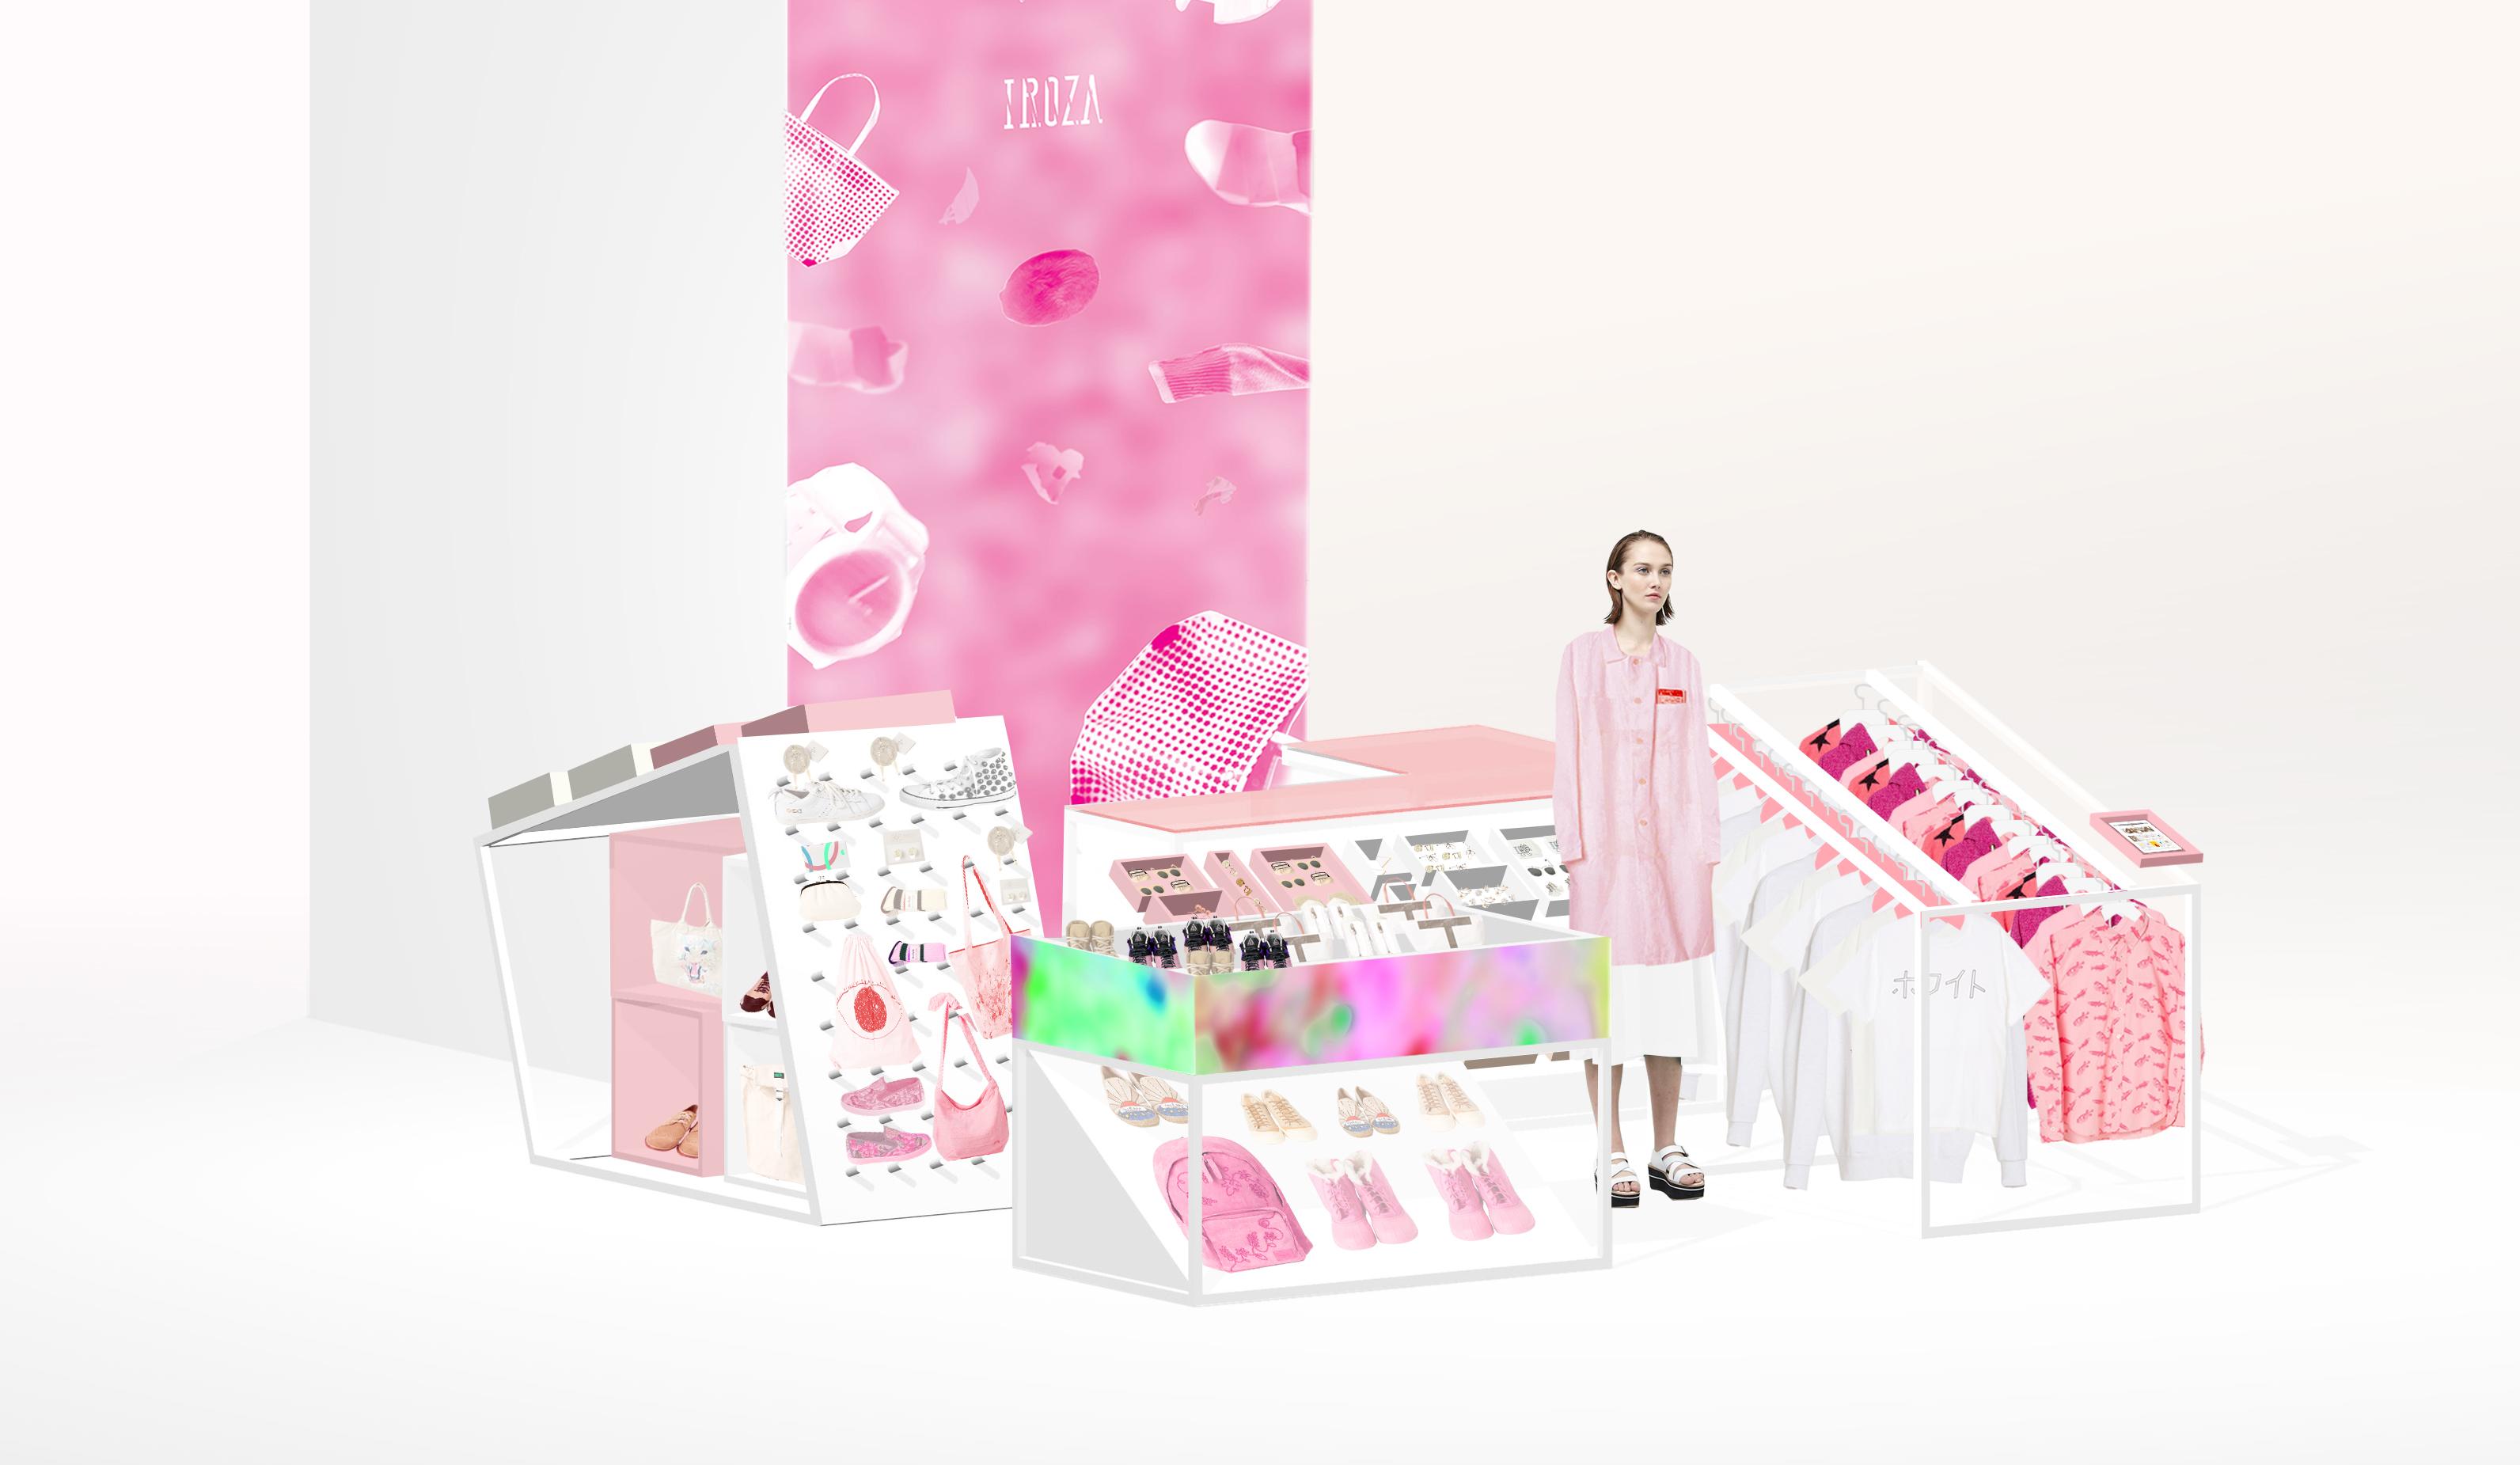 「色」をテーマにしたセレクトショップ「IROZA」が渋谷に旗艦店をオープン